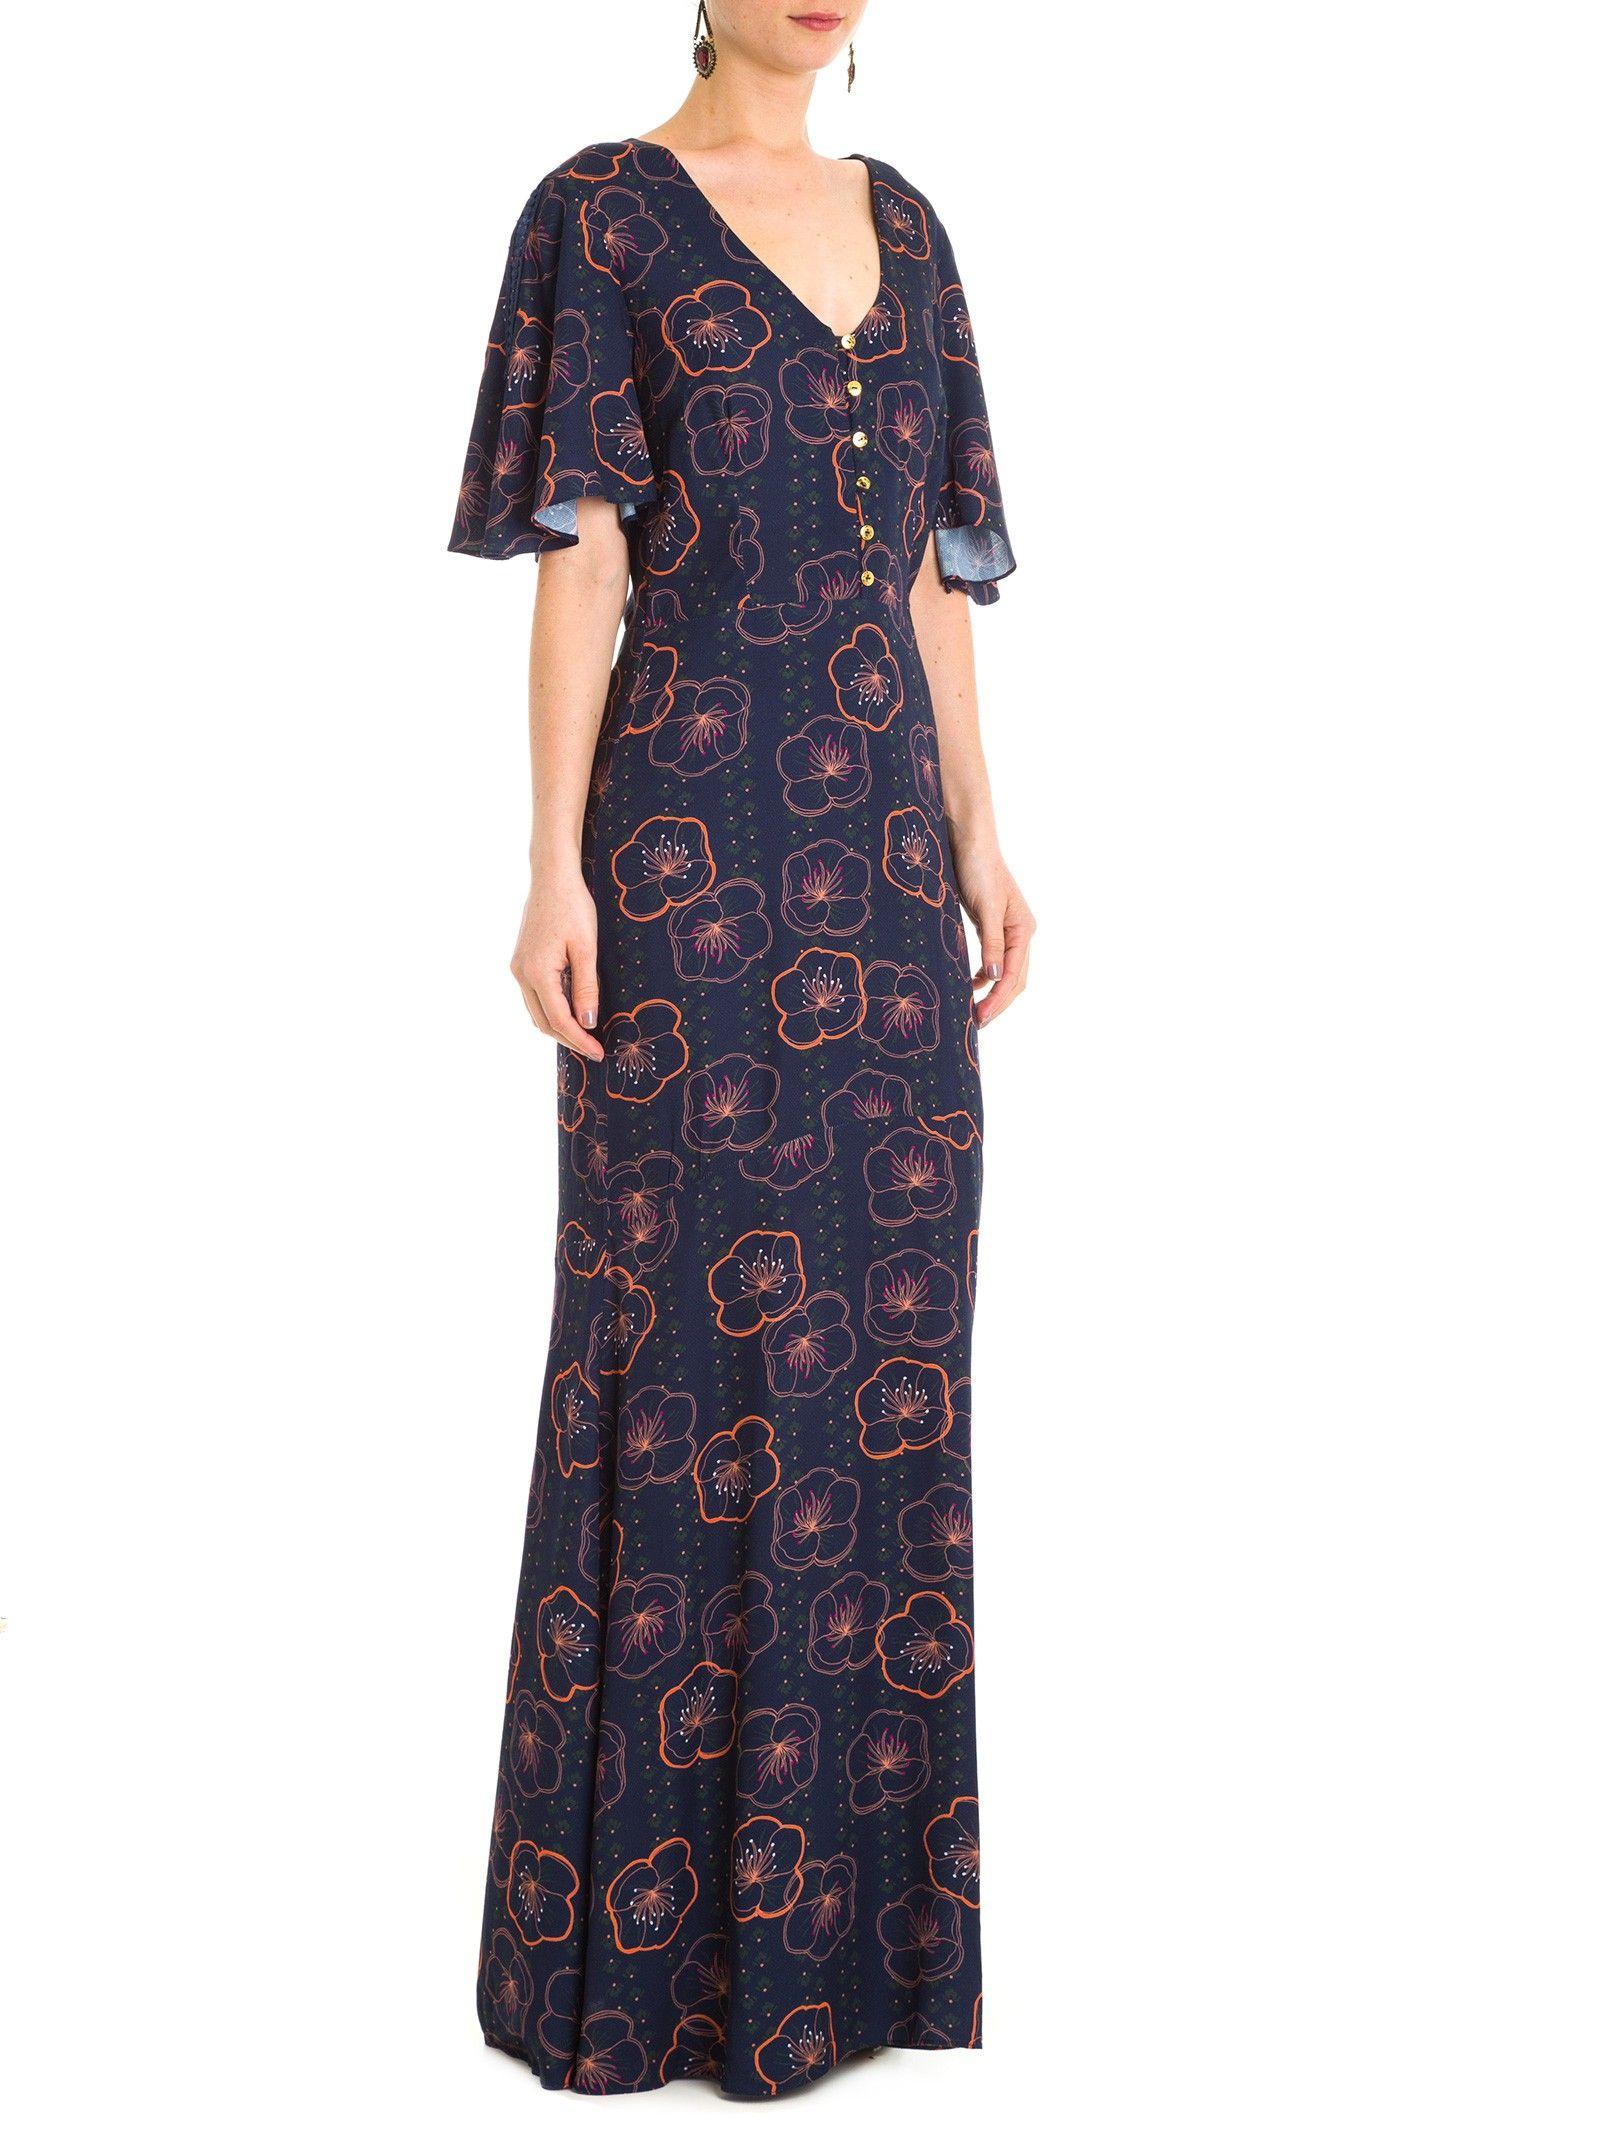 b4f05d0c0 Vestido Longo Estampa Floral - Maria Filó - Azul - Shop2gether ...